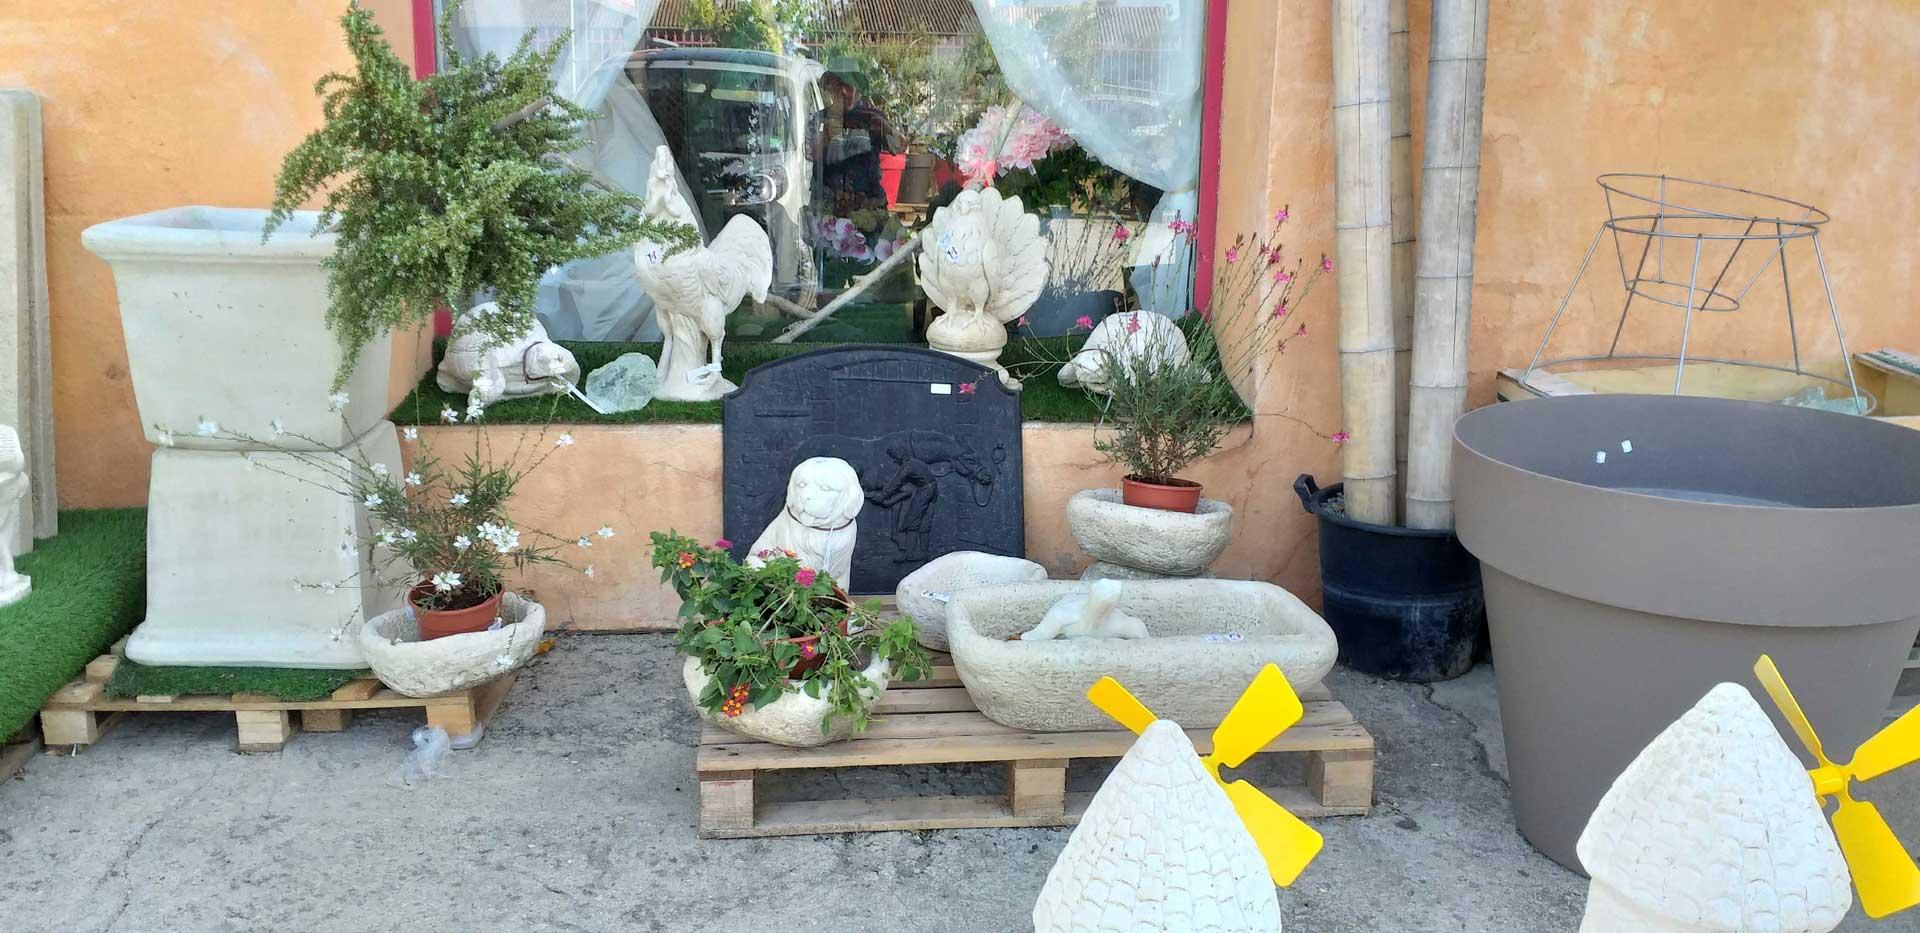 pepinierer-arcadie---poterie-pierre-et-decoration-pierre-cuite-pour-jardin-exterieur